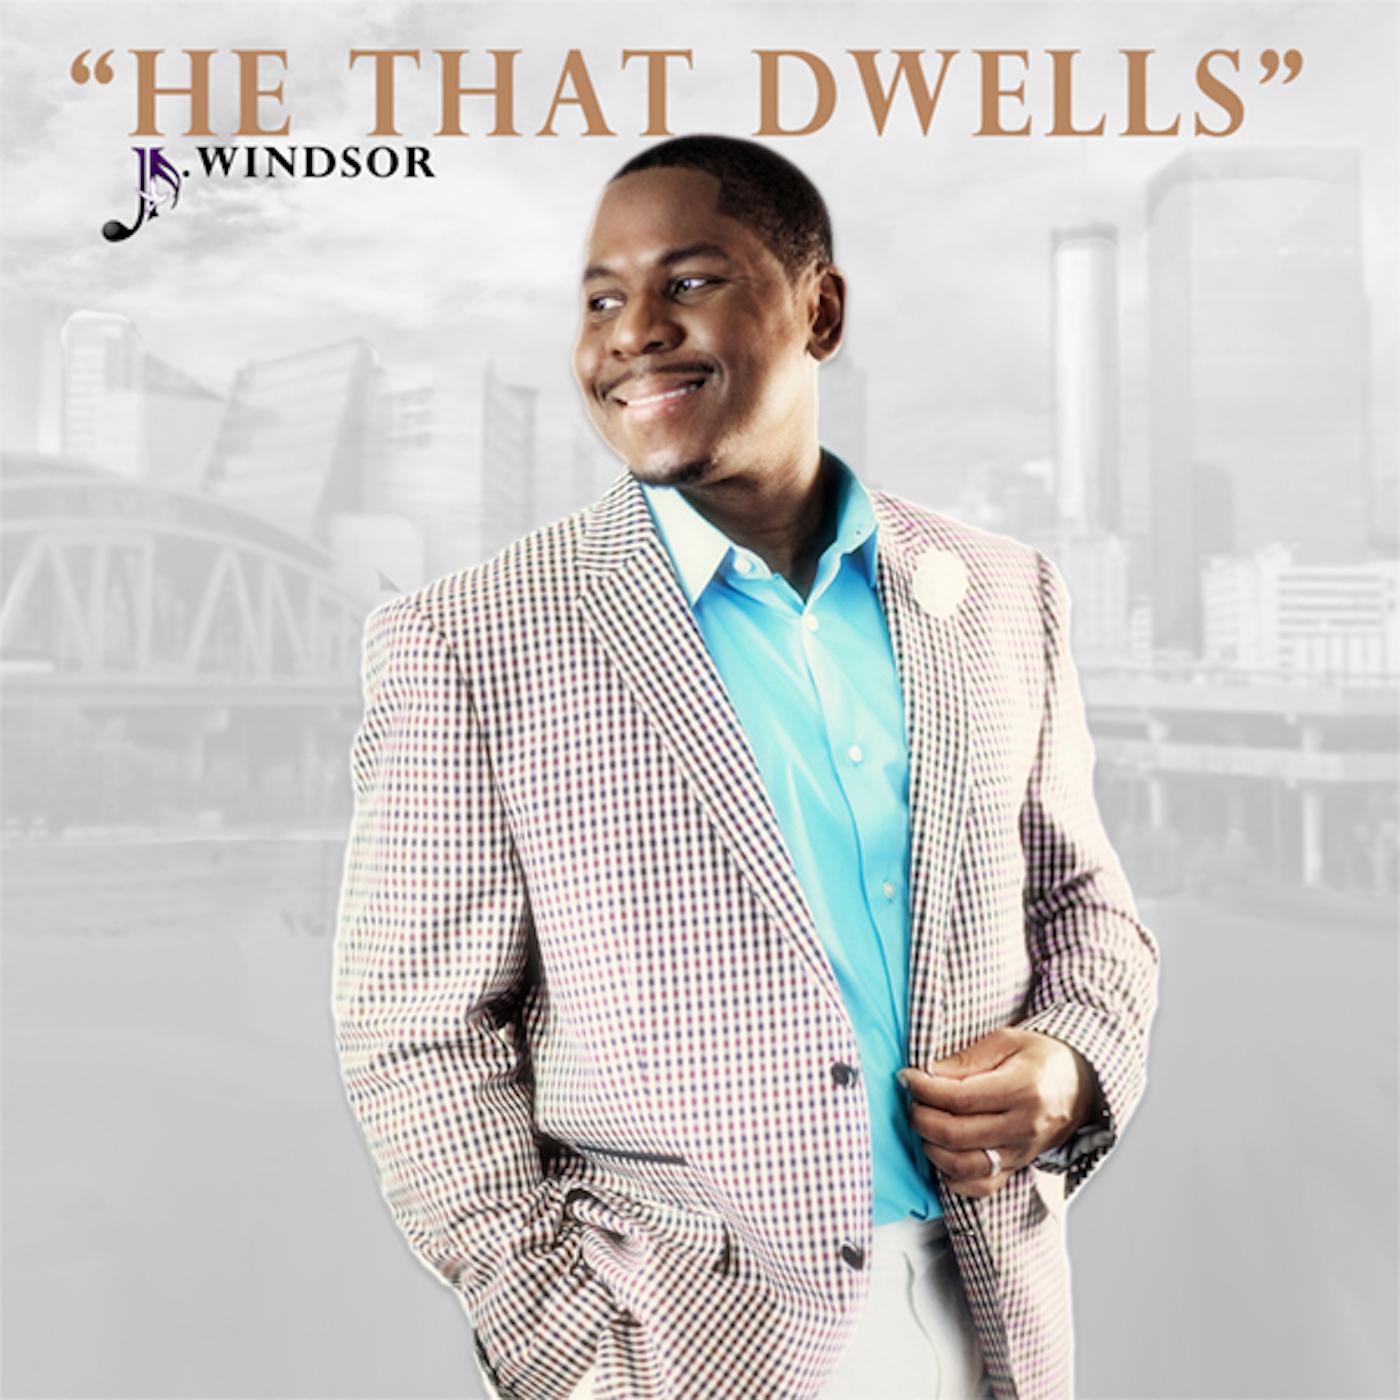 He That Dwells - 2016Written by J. Windsor